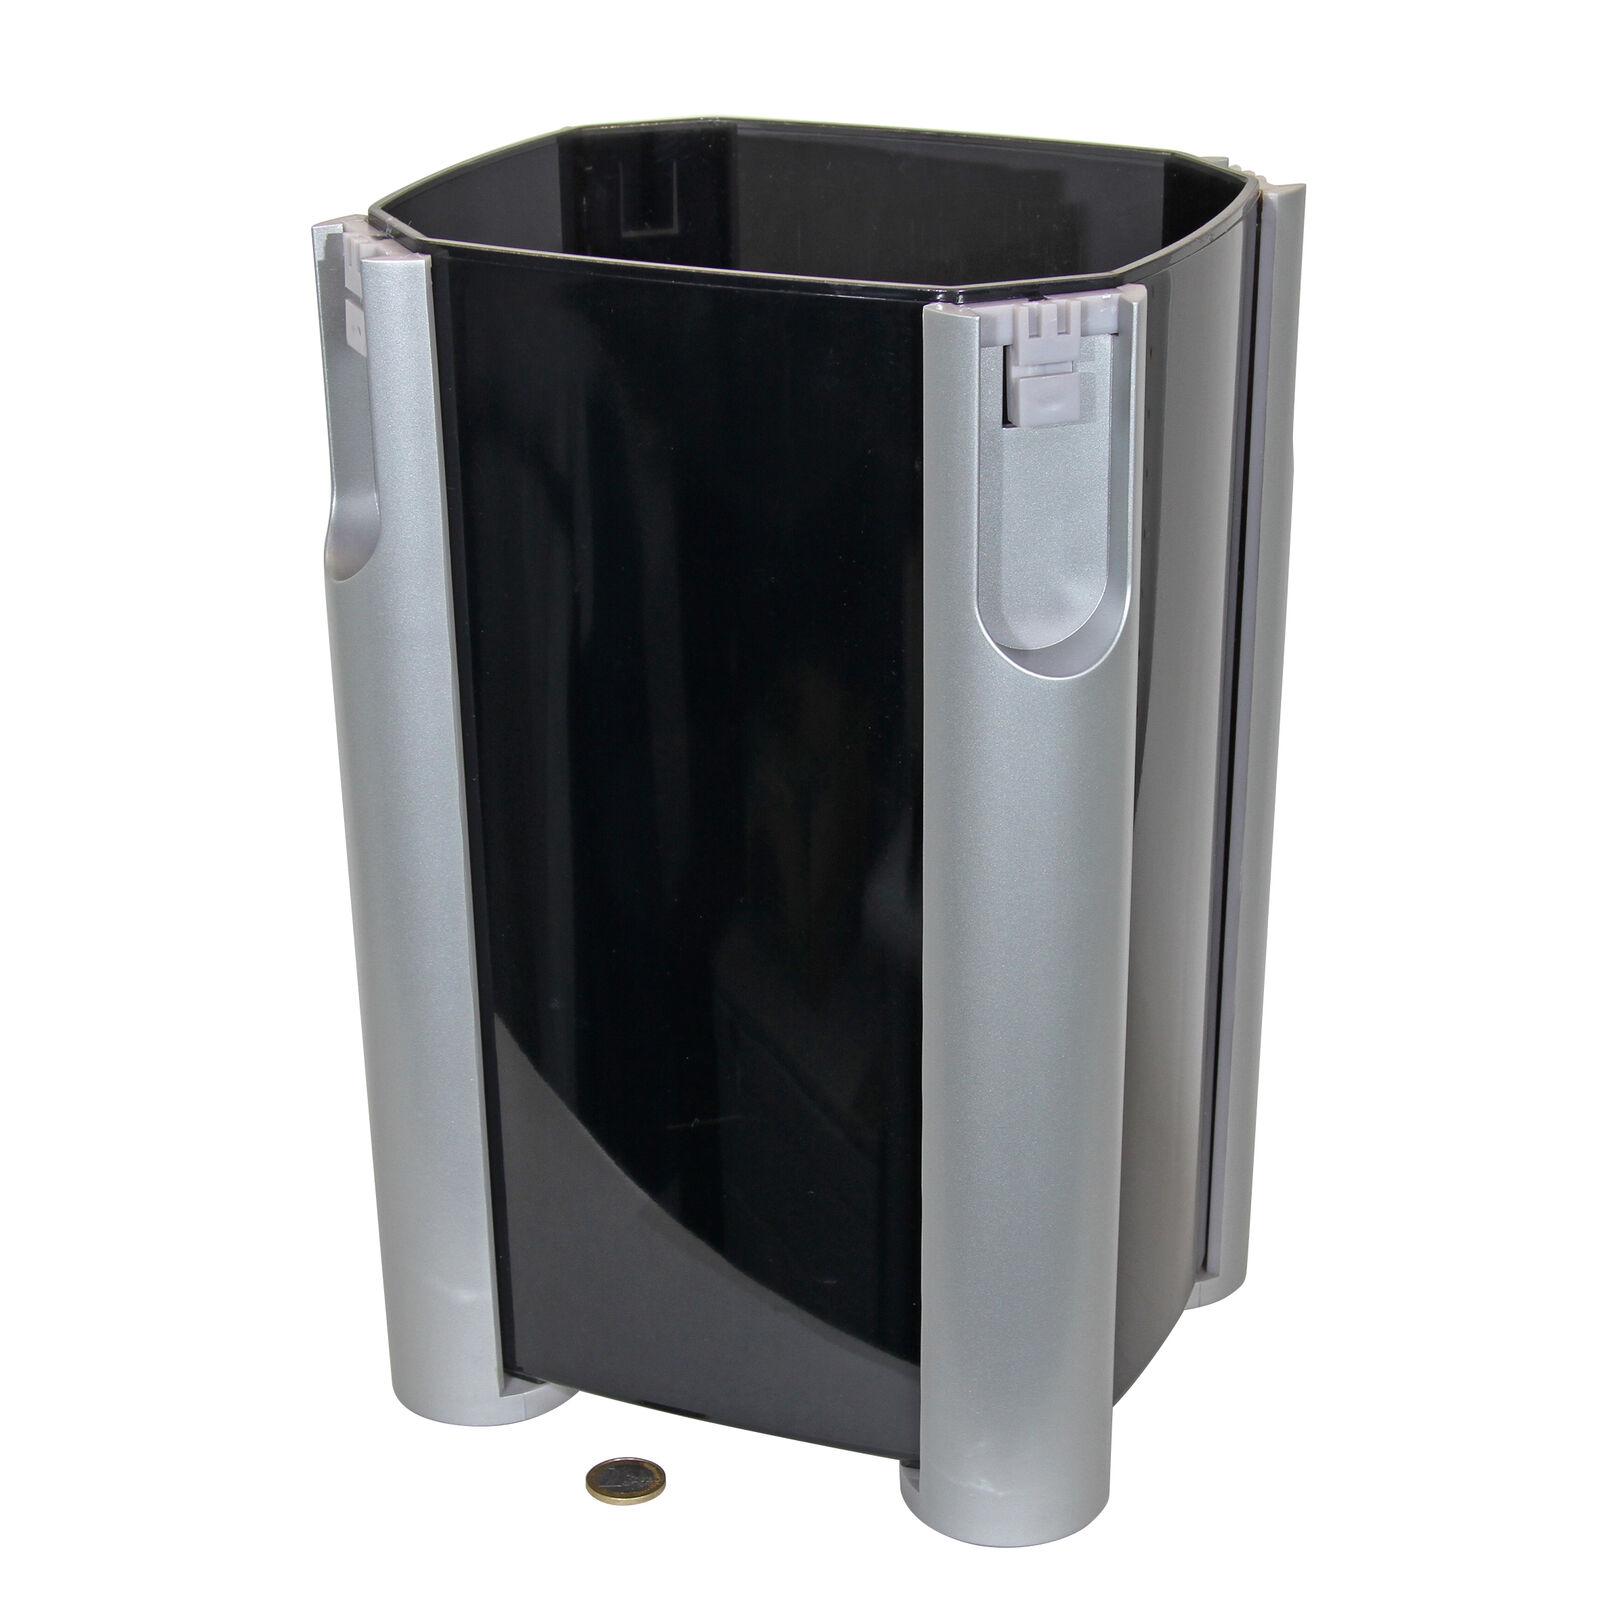 JBL Filterbehälter mit Fuß für e401, e700, e701, e900, e901, e1500, e1501, e1901